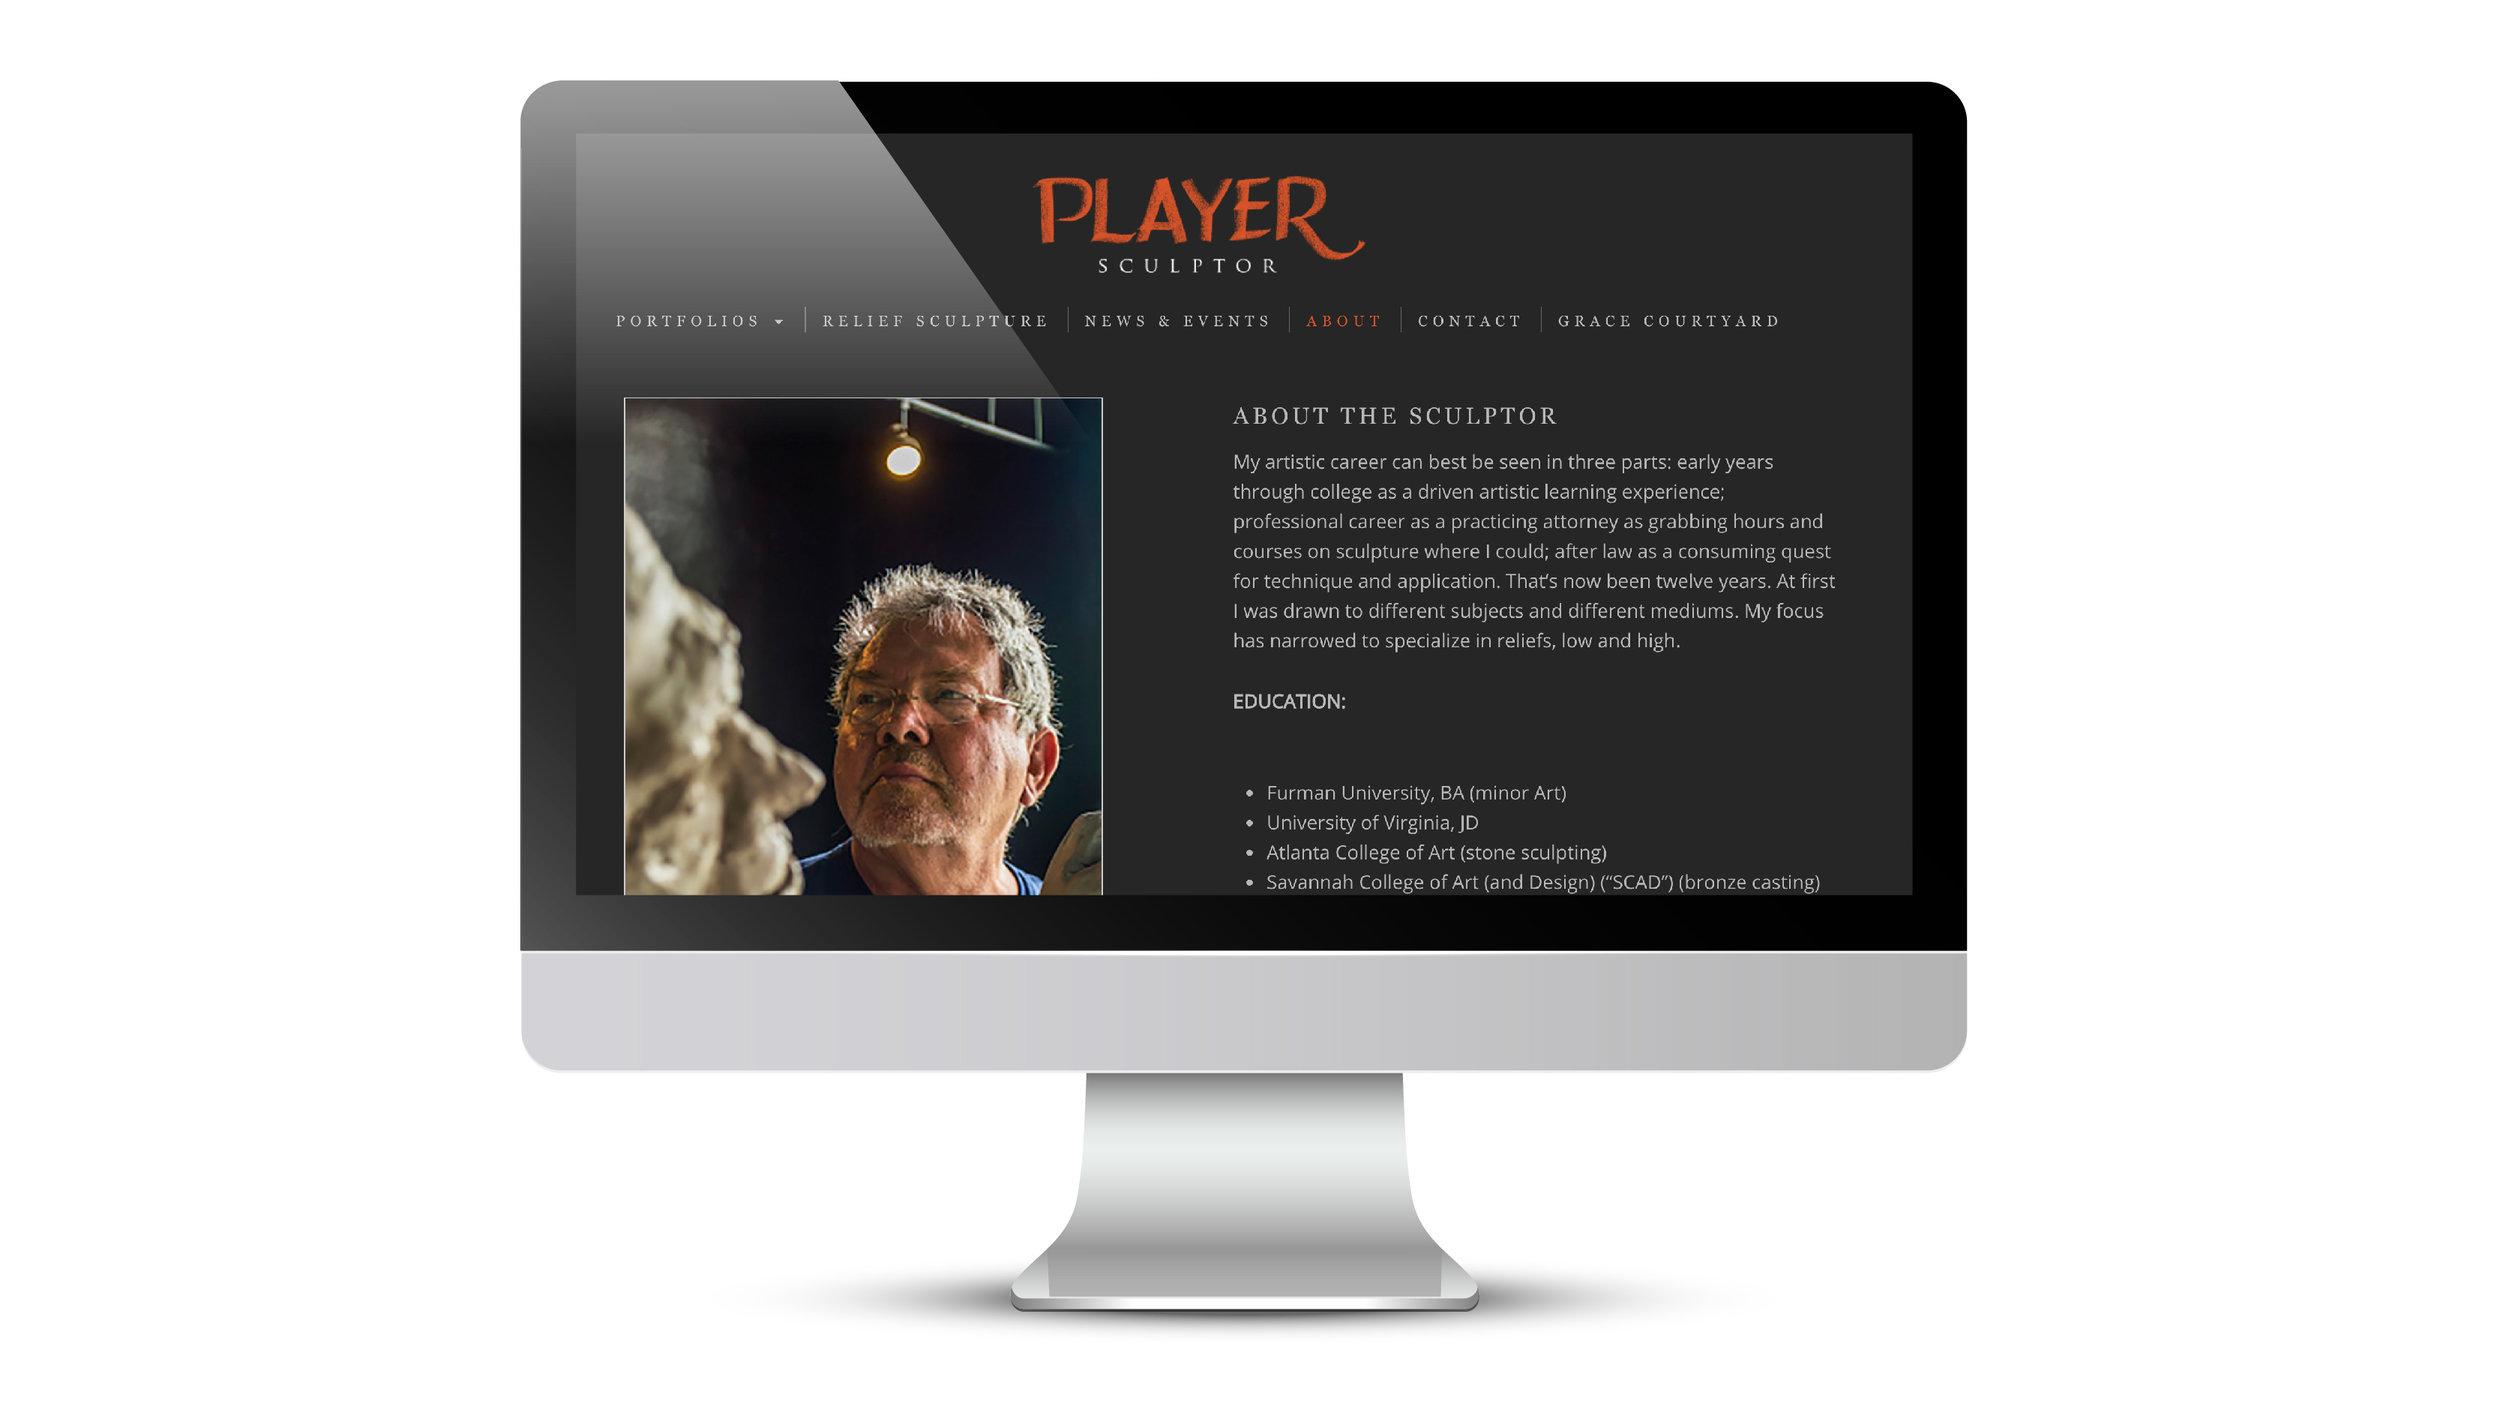 PlayerBronze-04.jpg